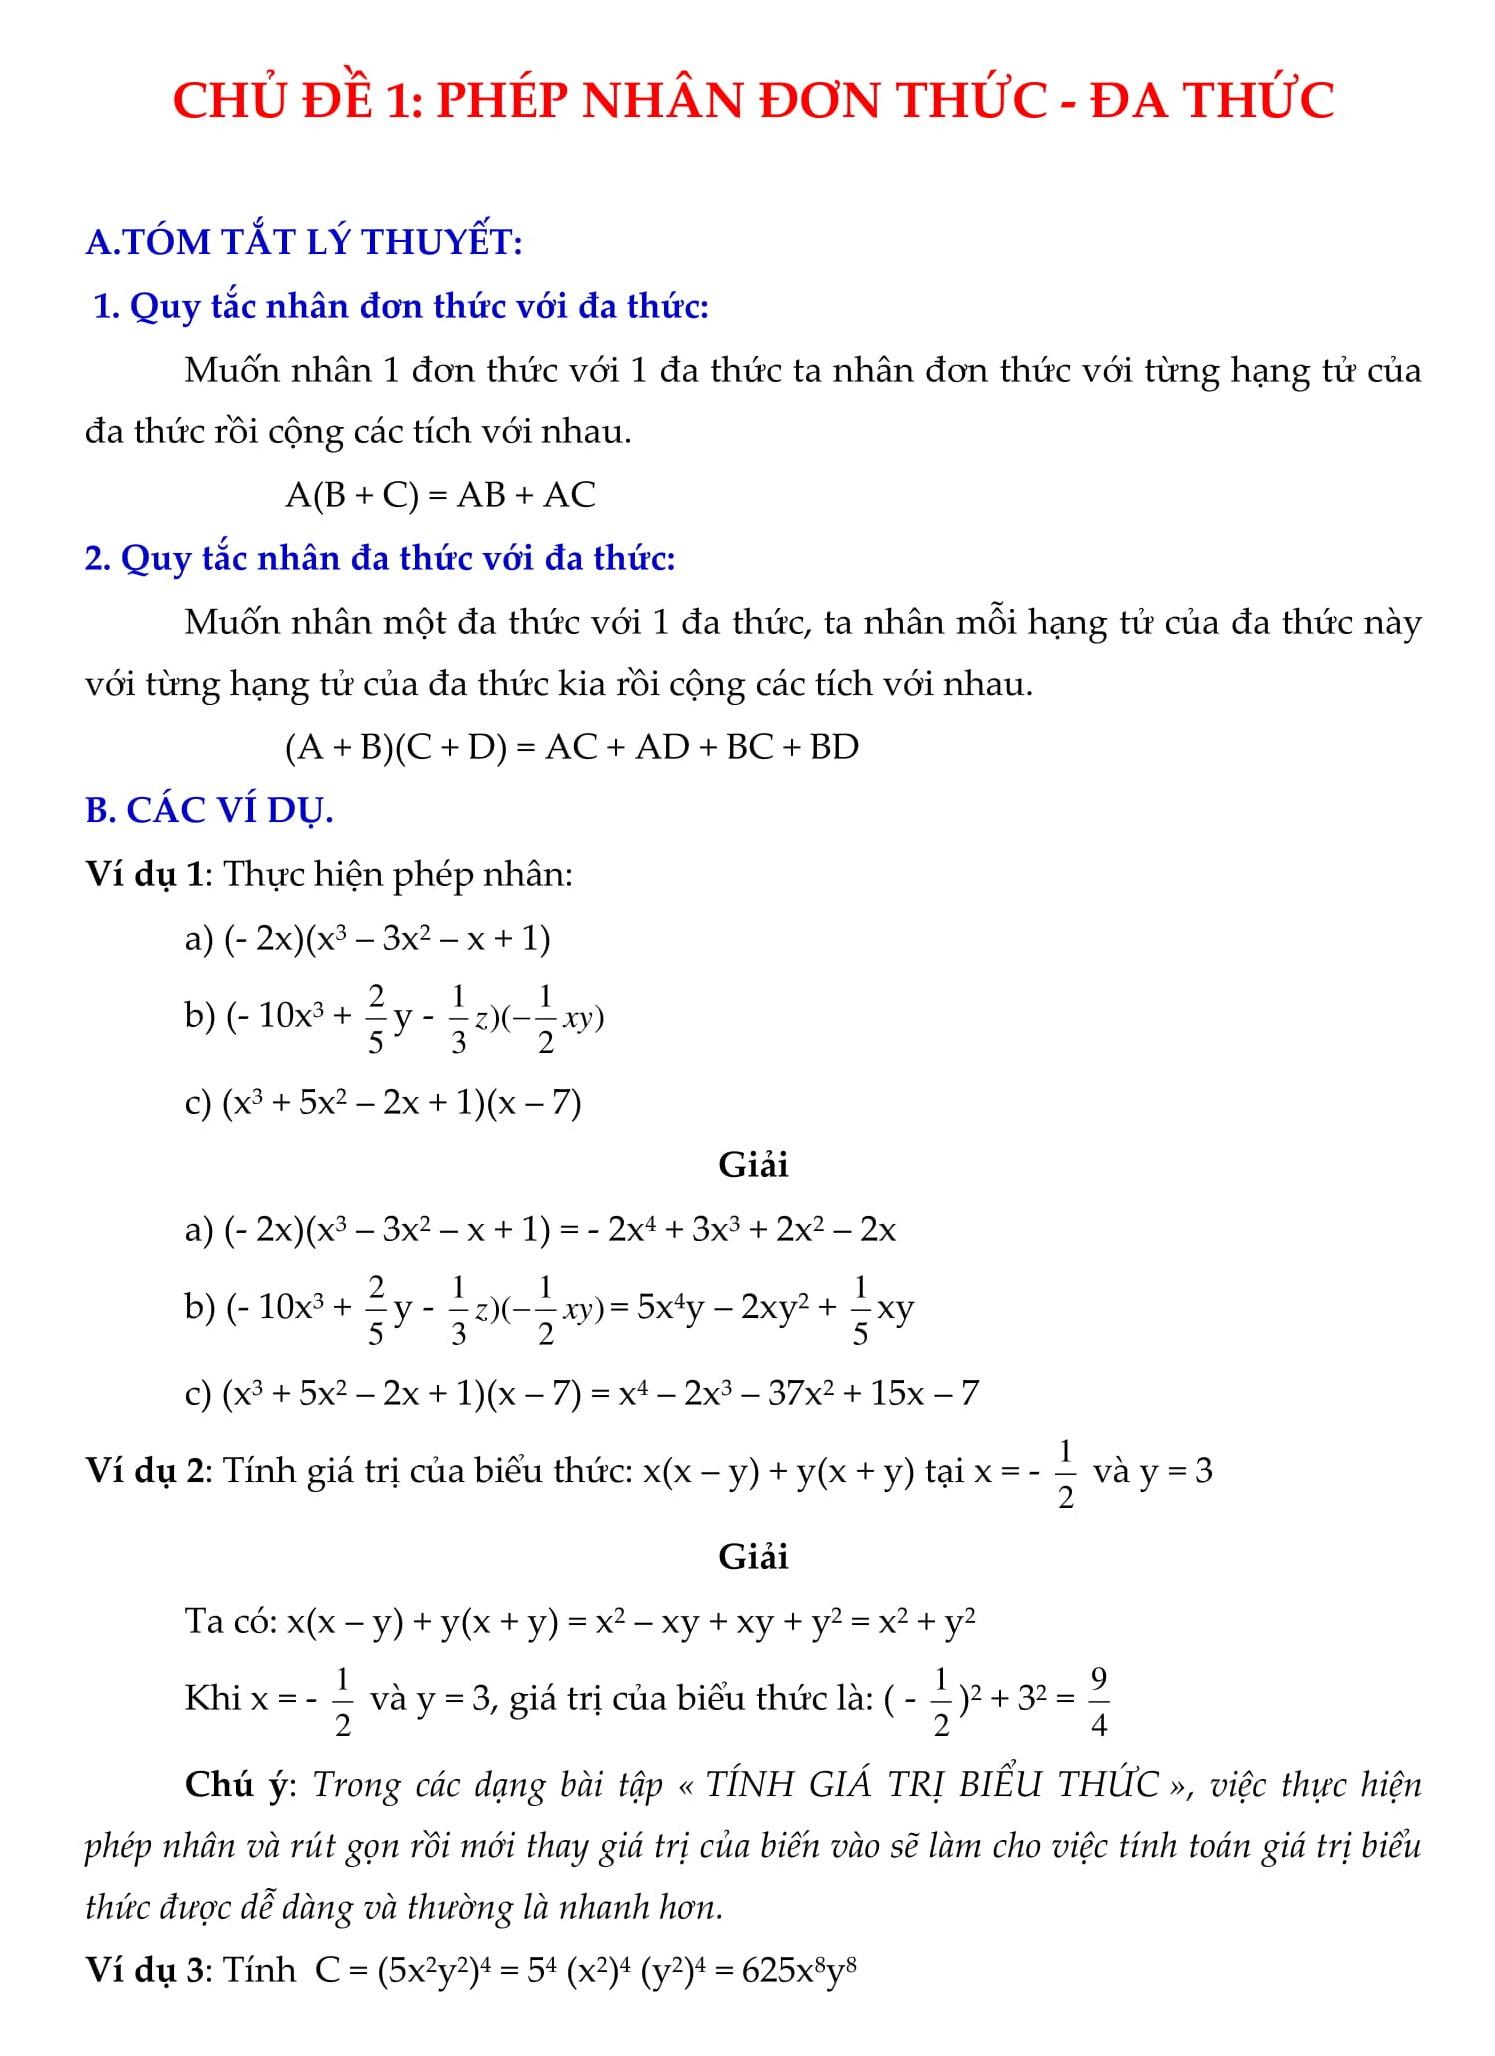 Giải bài tập Toán Đại số 8 HK1 và HK2